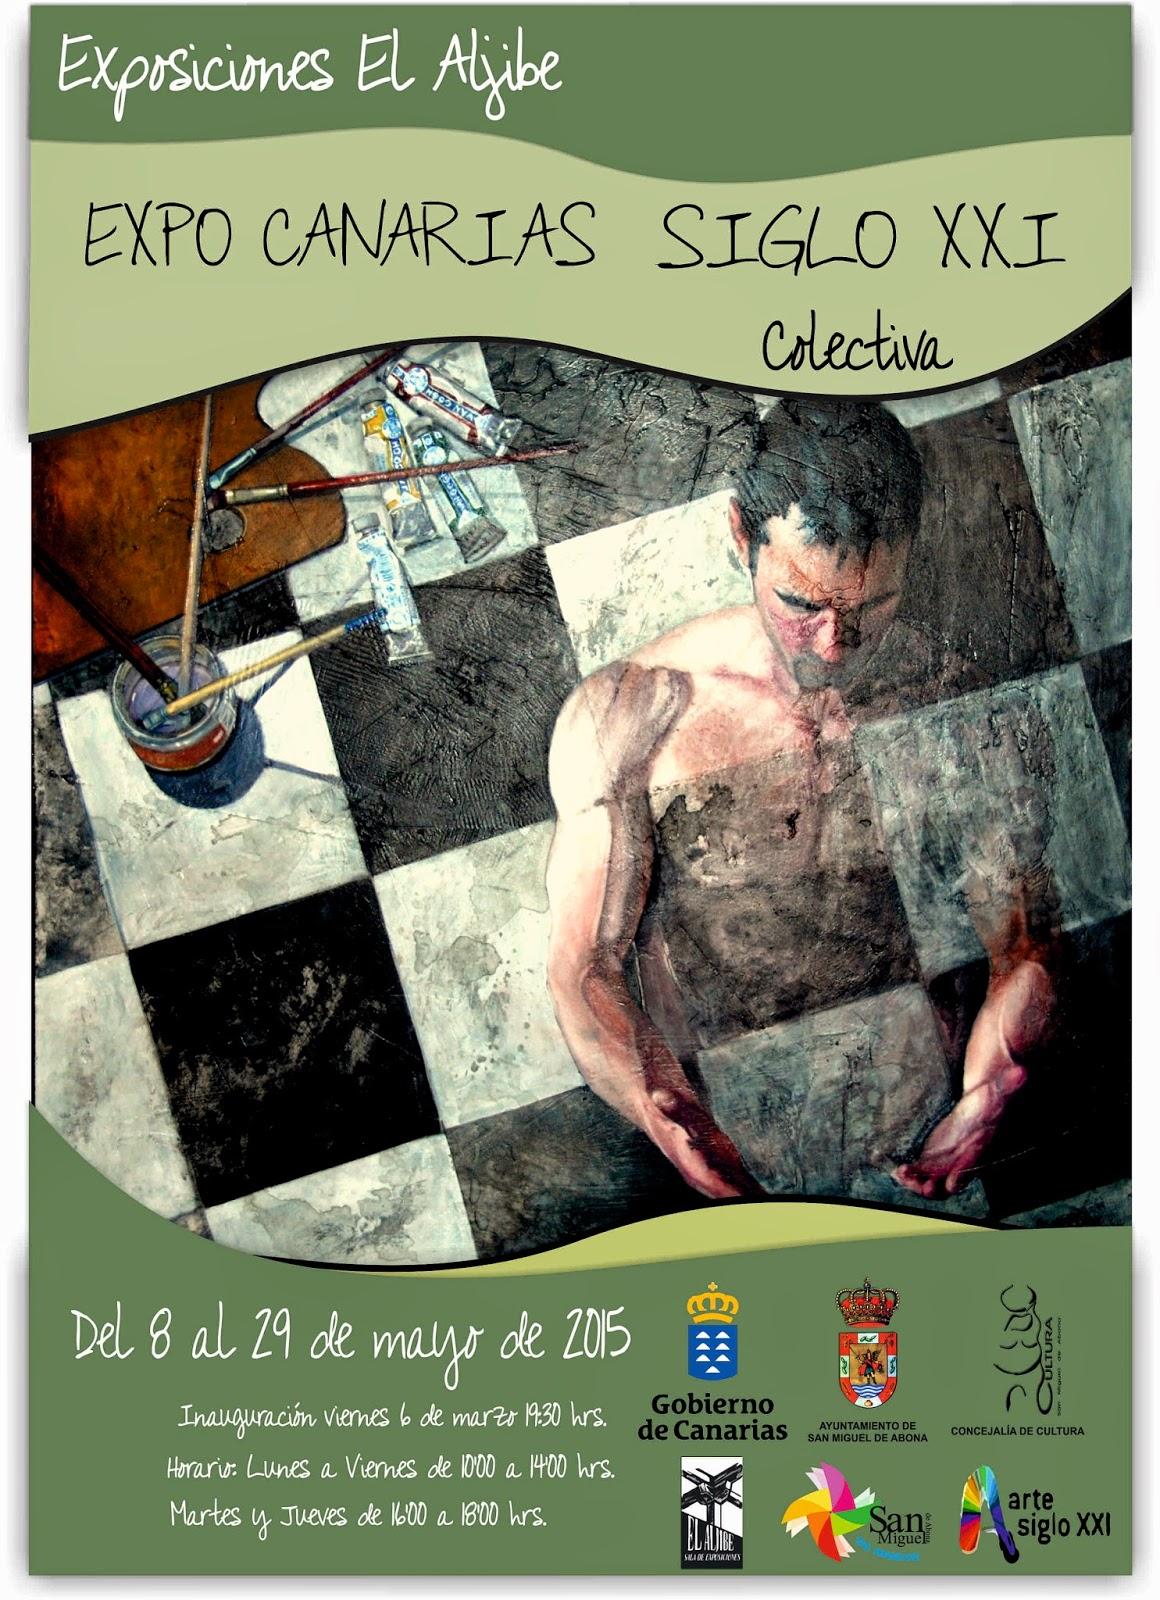 CANARIAS SIGLO XXI